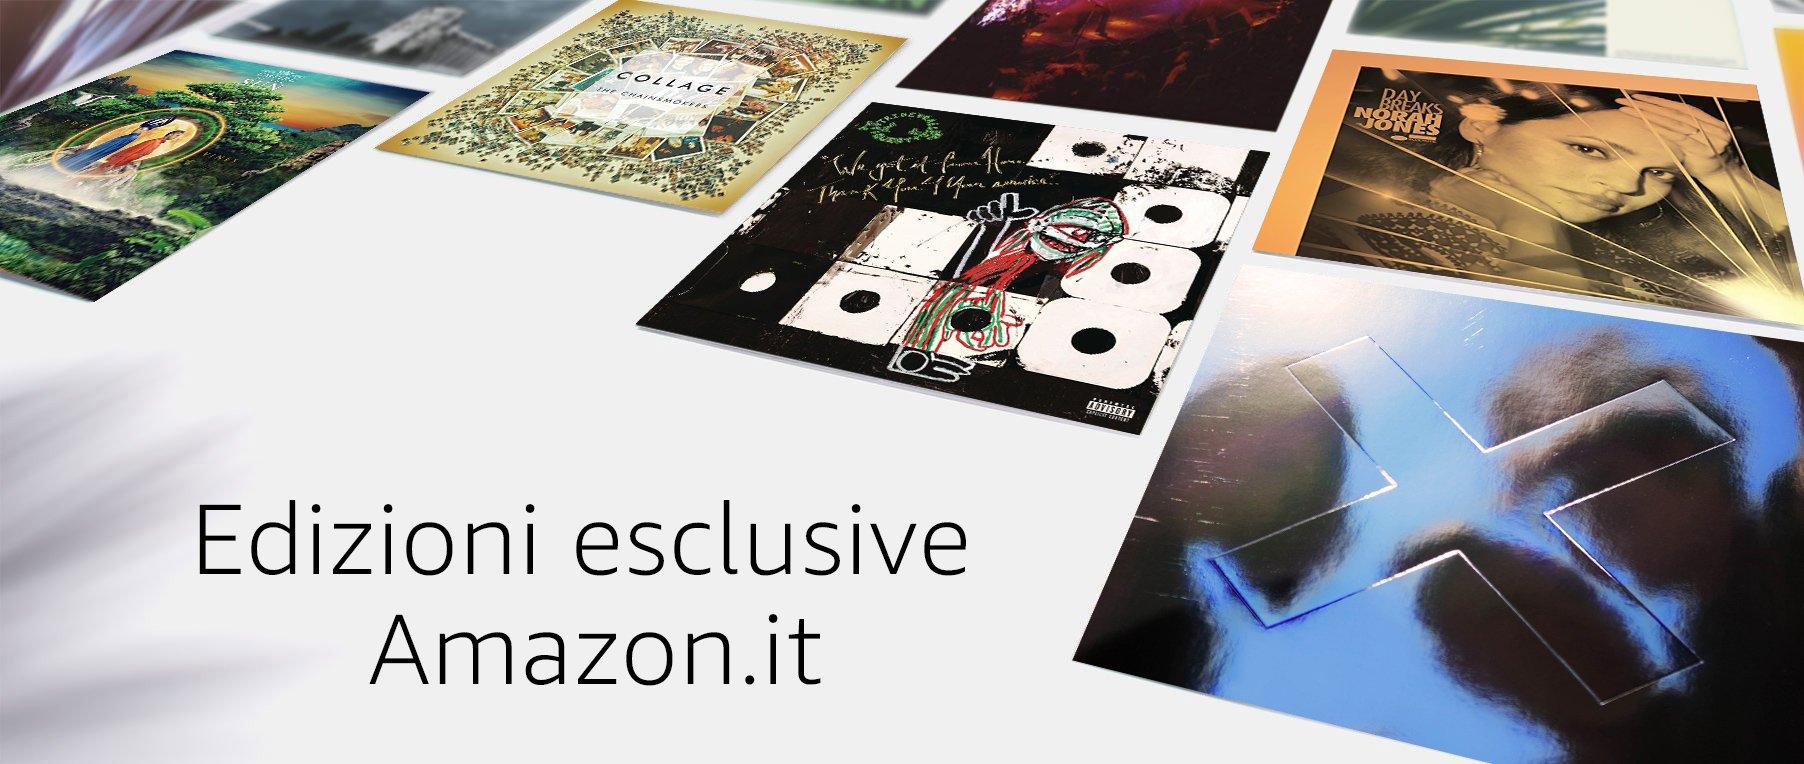 Edizioni esclusive per Amazon.it